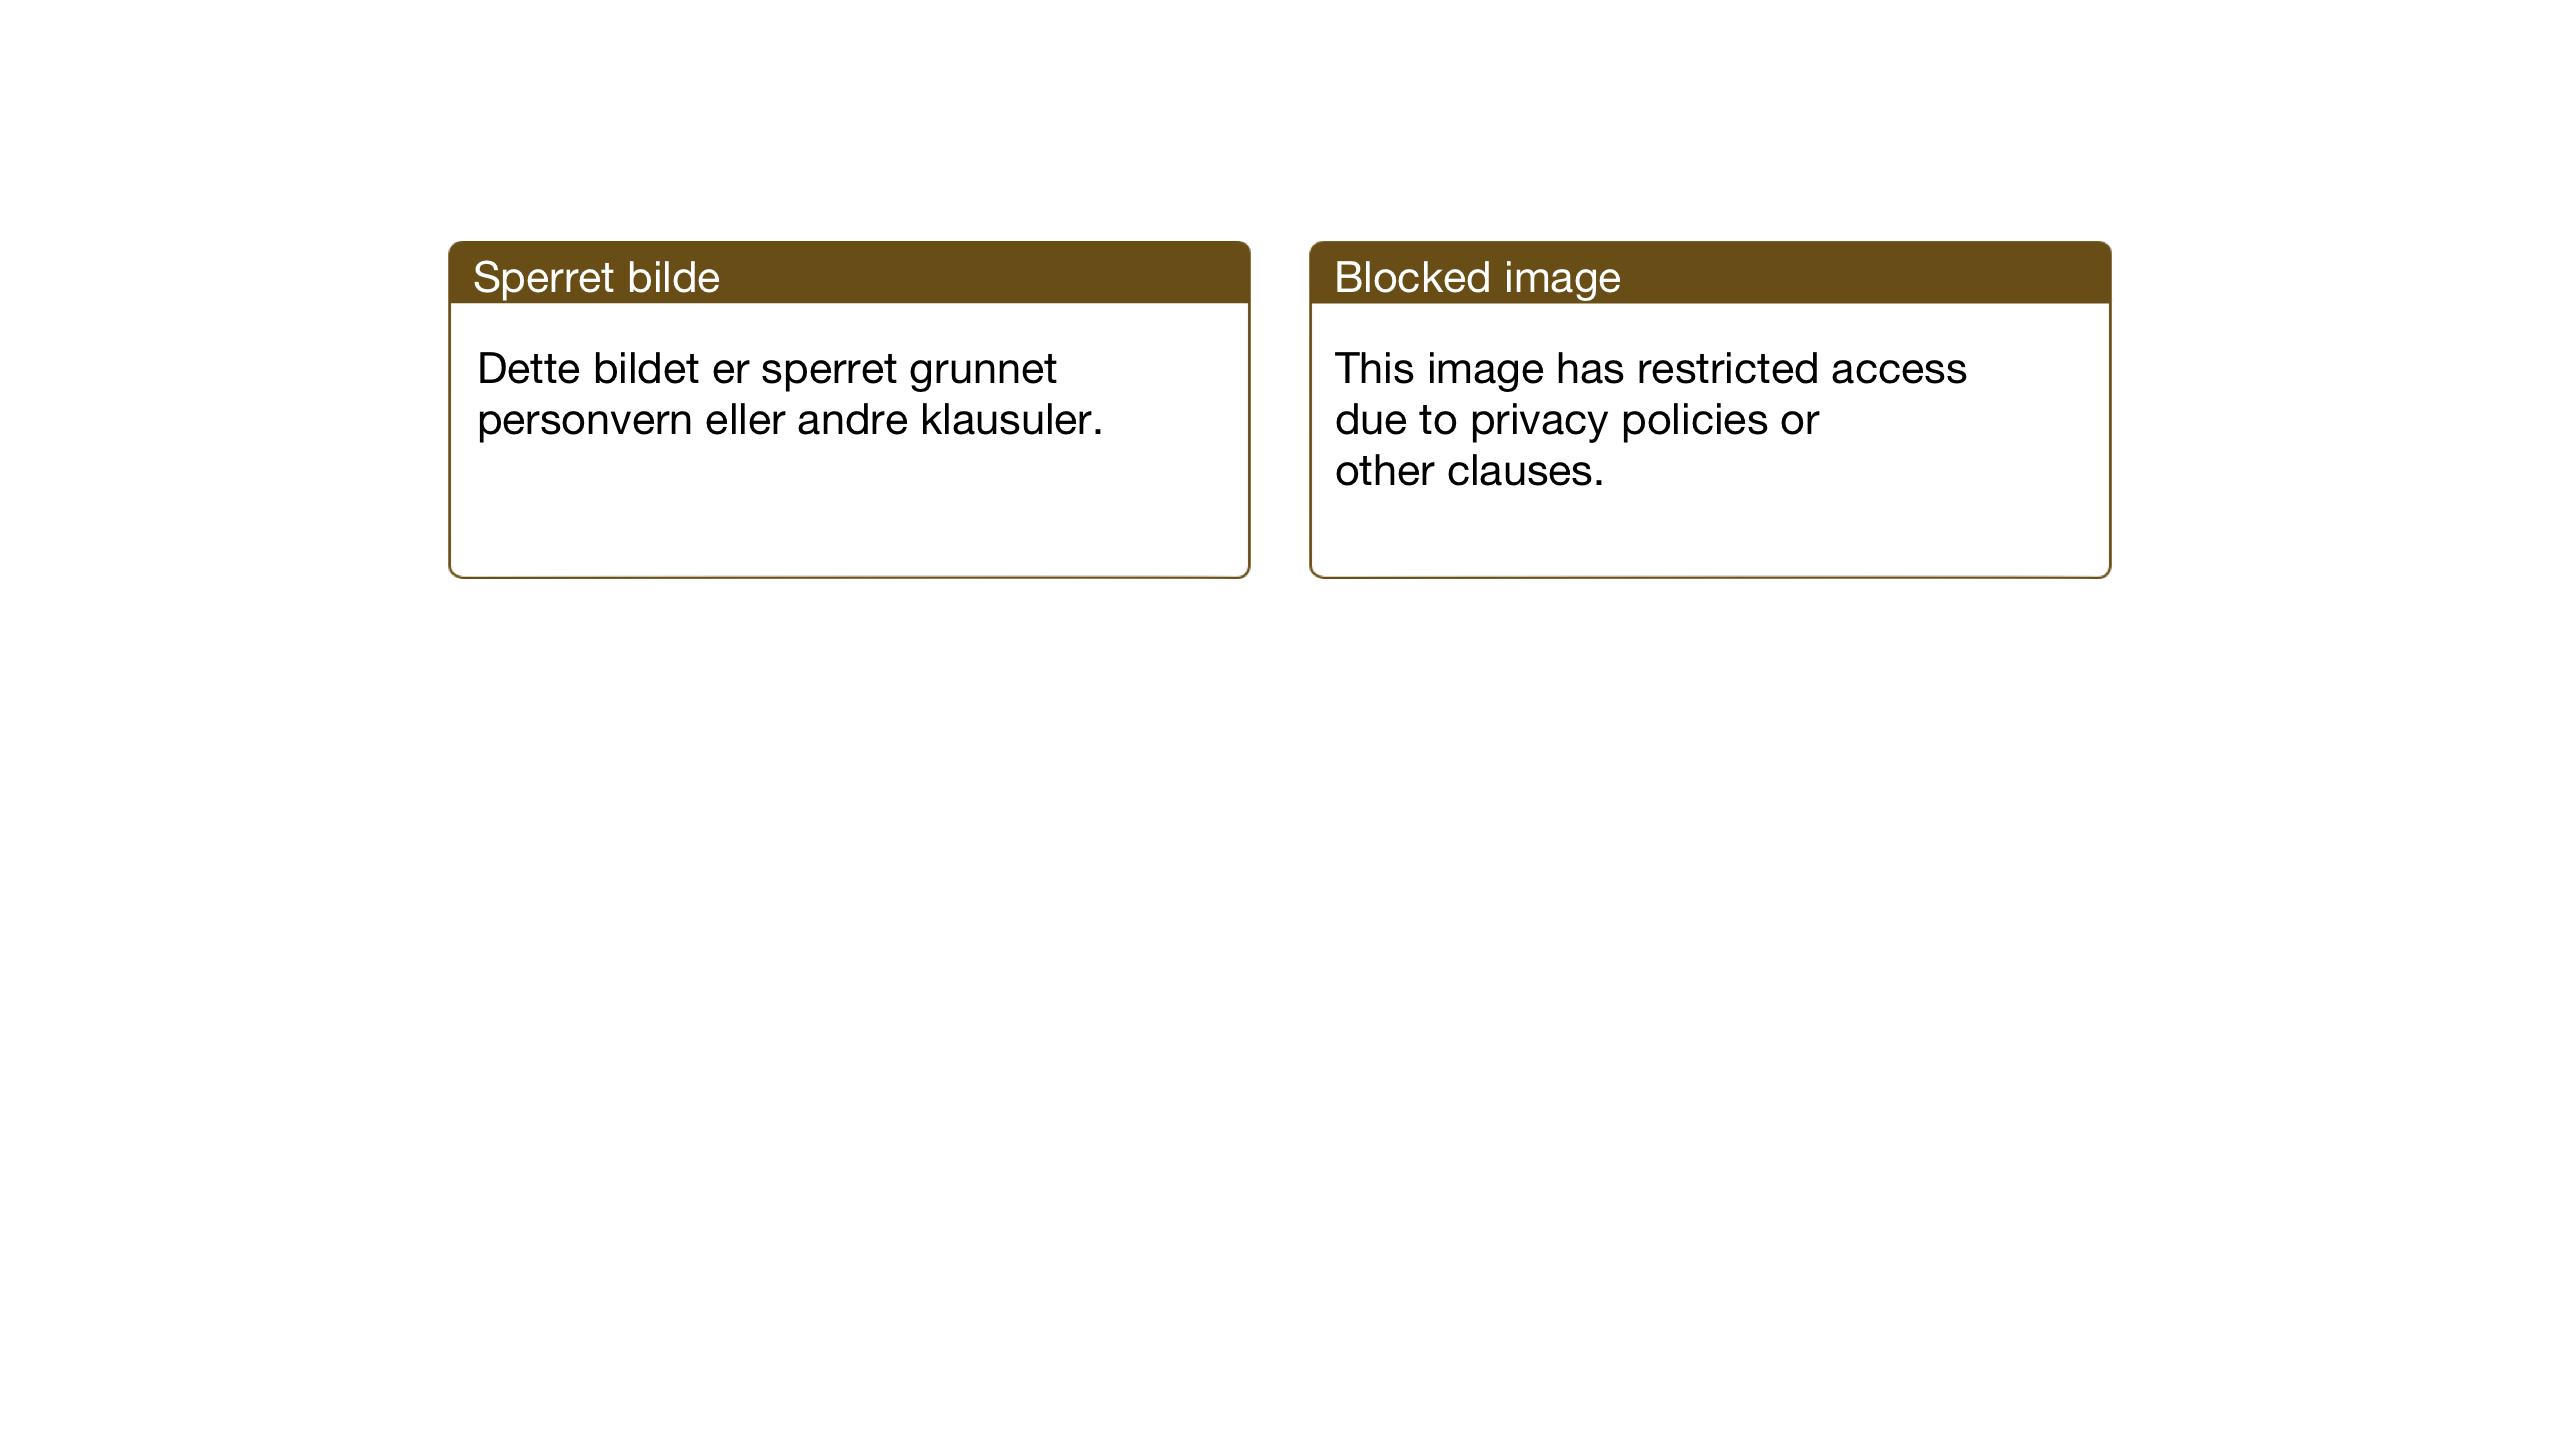 SAT, Ministerialprotokoller, klokkerbøker og fødselsregistre - Sør-Trøndelag, 605/L0259: Klokkerbok nr. 605C06, 1920-1937, s. 236